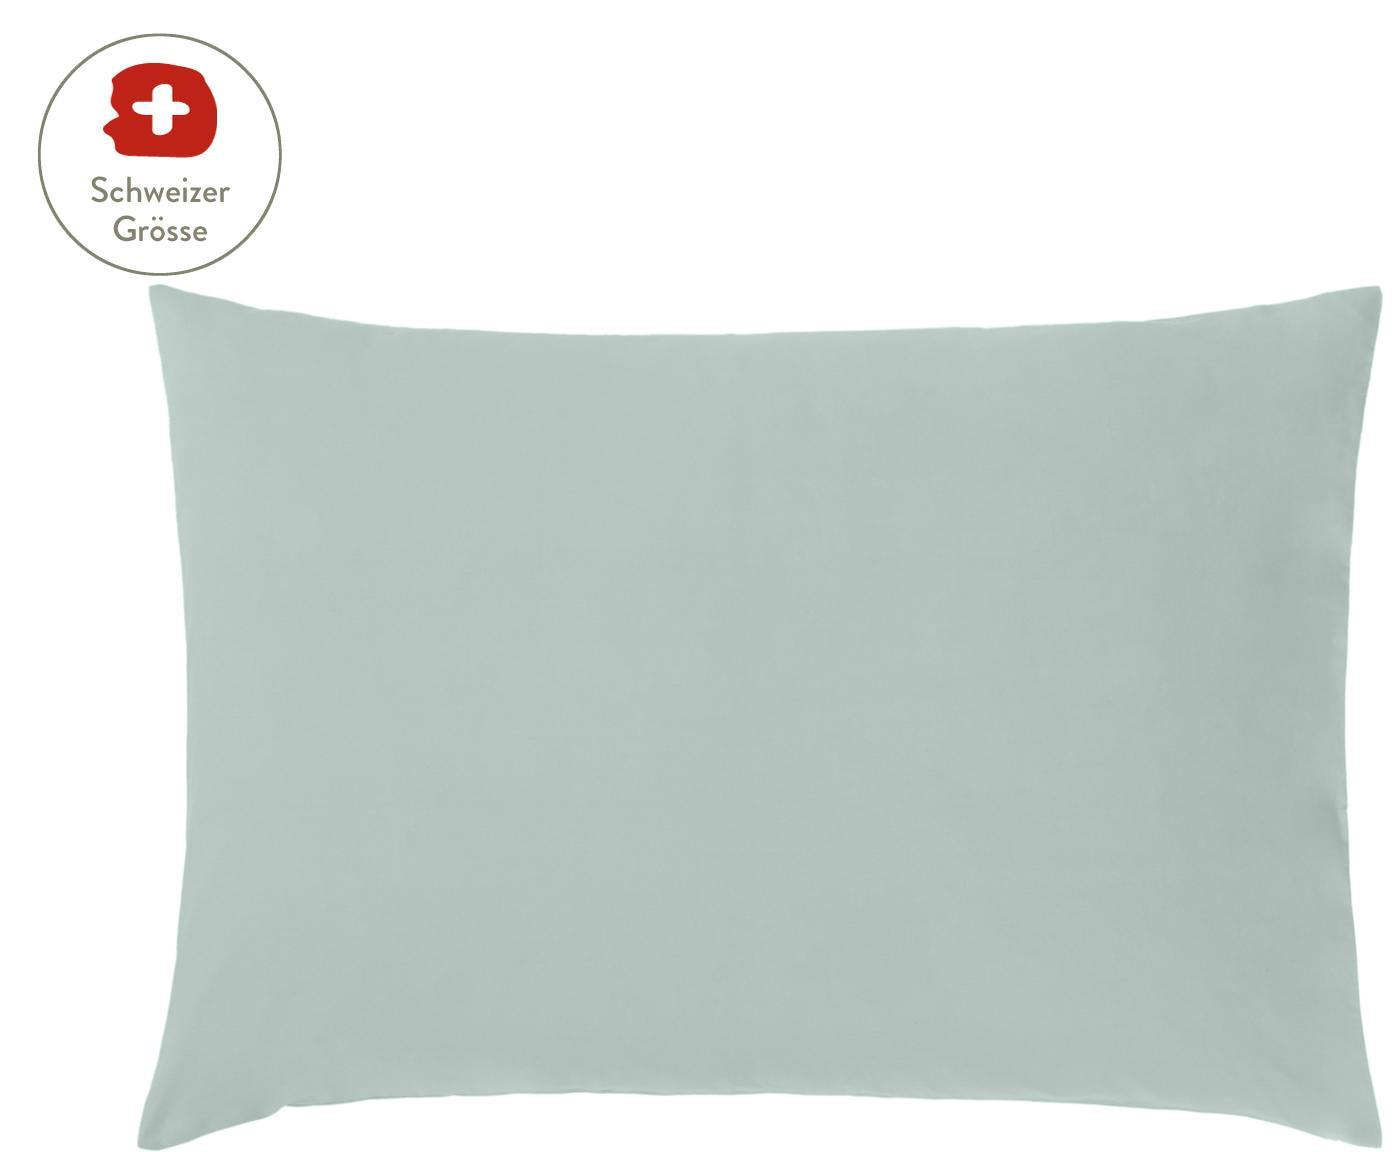 Baumwollperkal-Kissenbezug Elsie in Salbeigrün, Webart: Perkal Fadendichte 200 TC, Salbeigrün, 50 x 70 cm